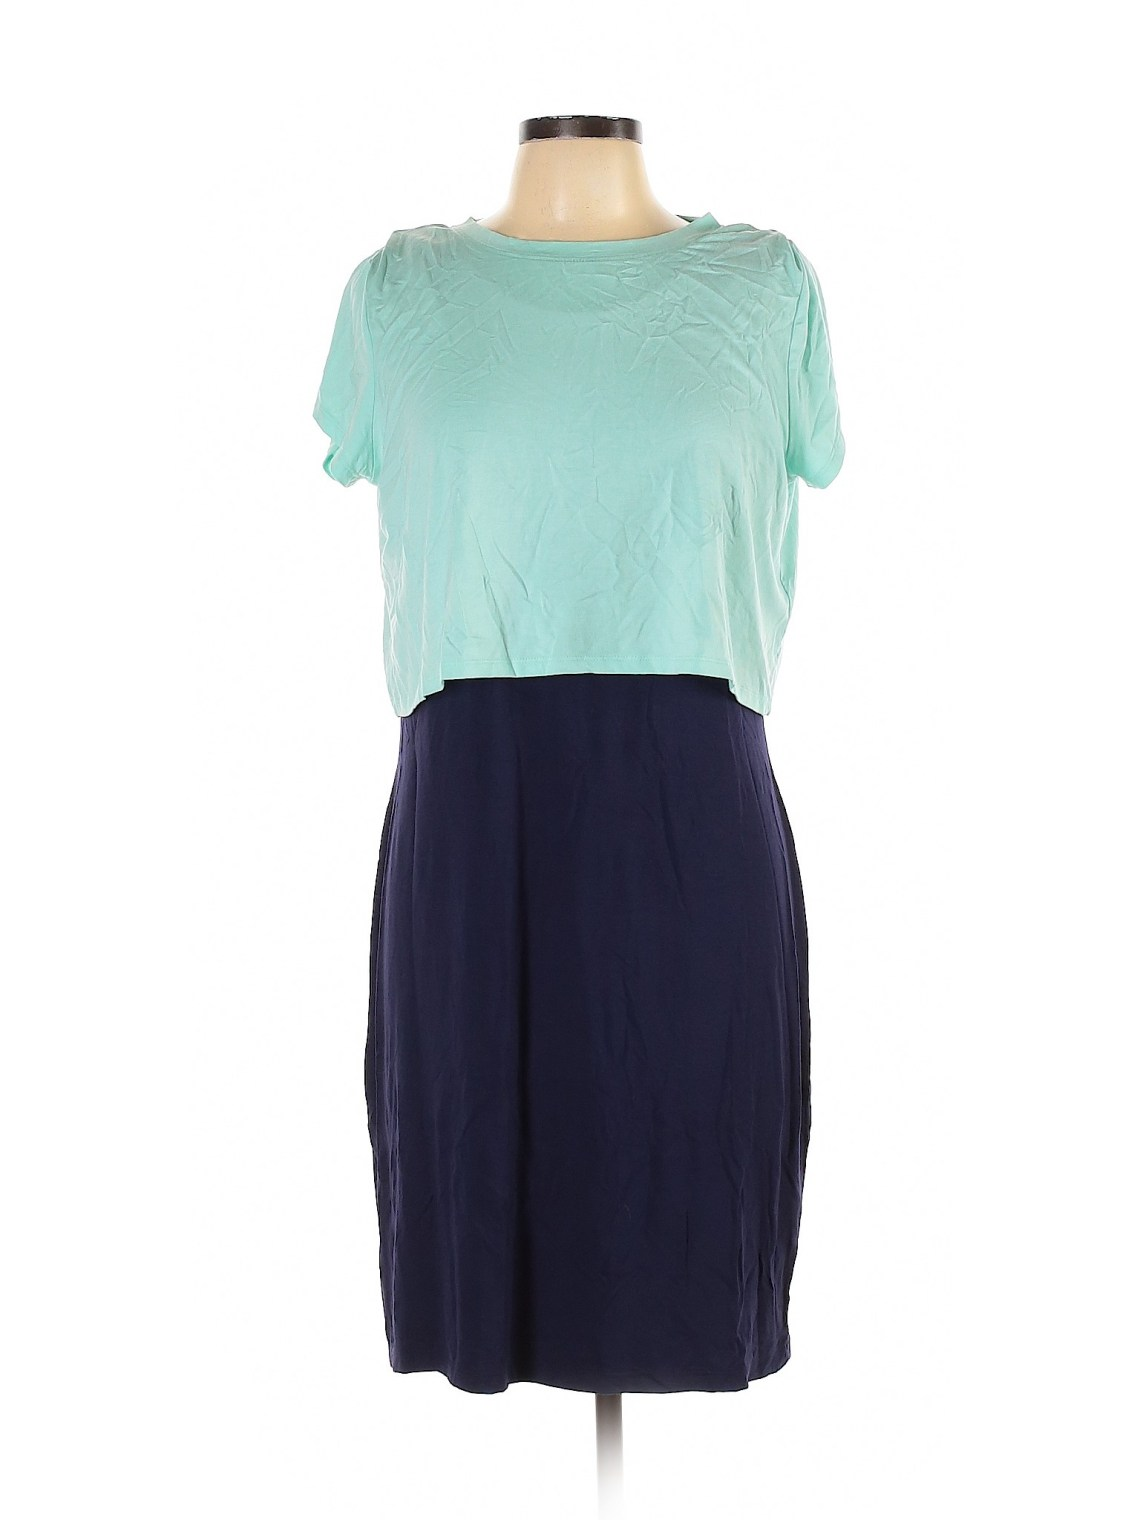 C. Wonder Women Blue Casual Dress L | eBay